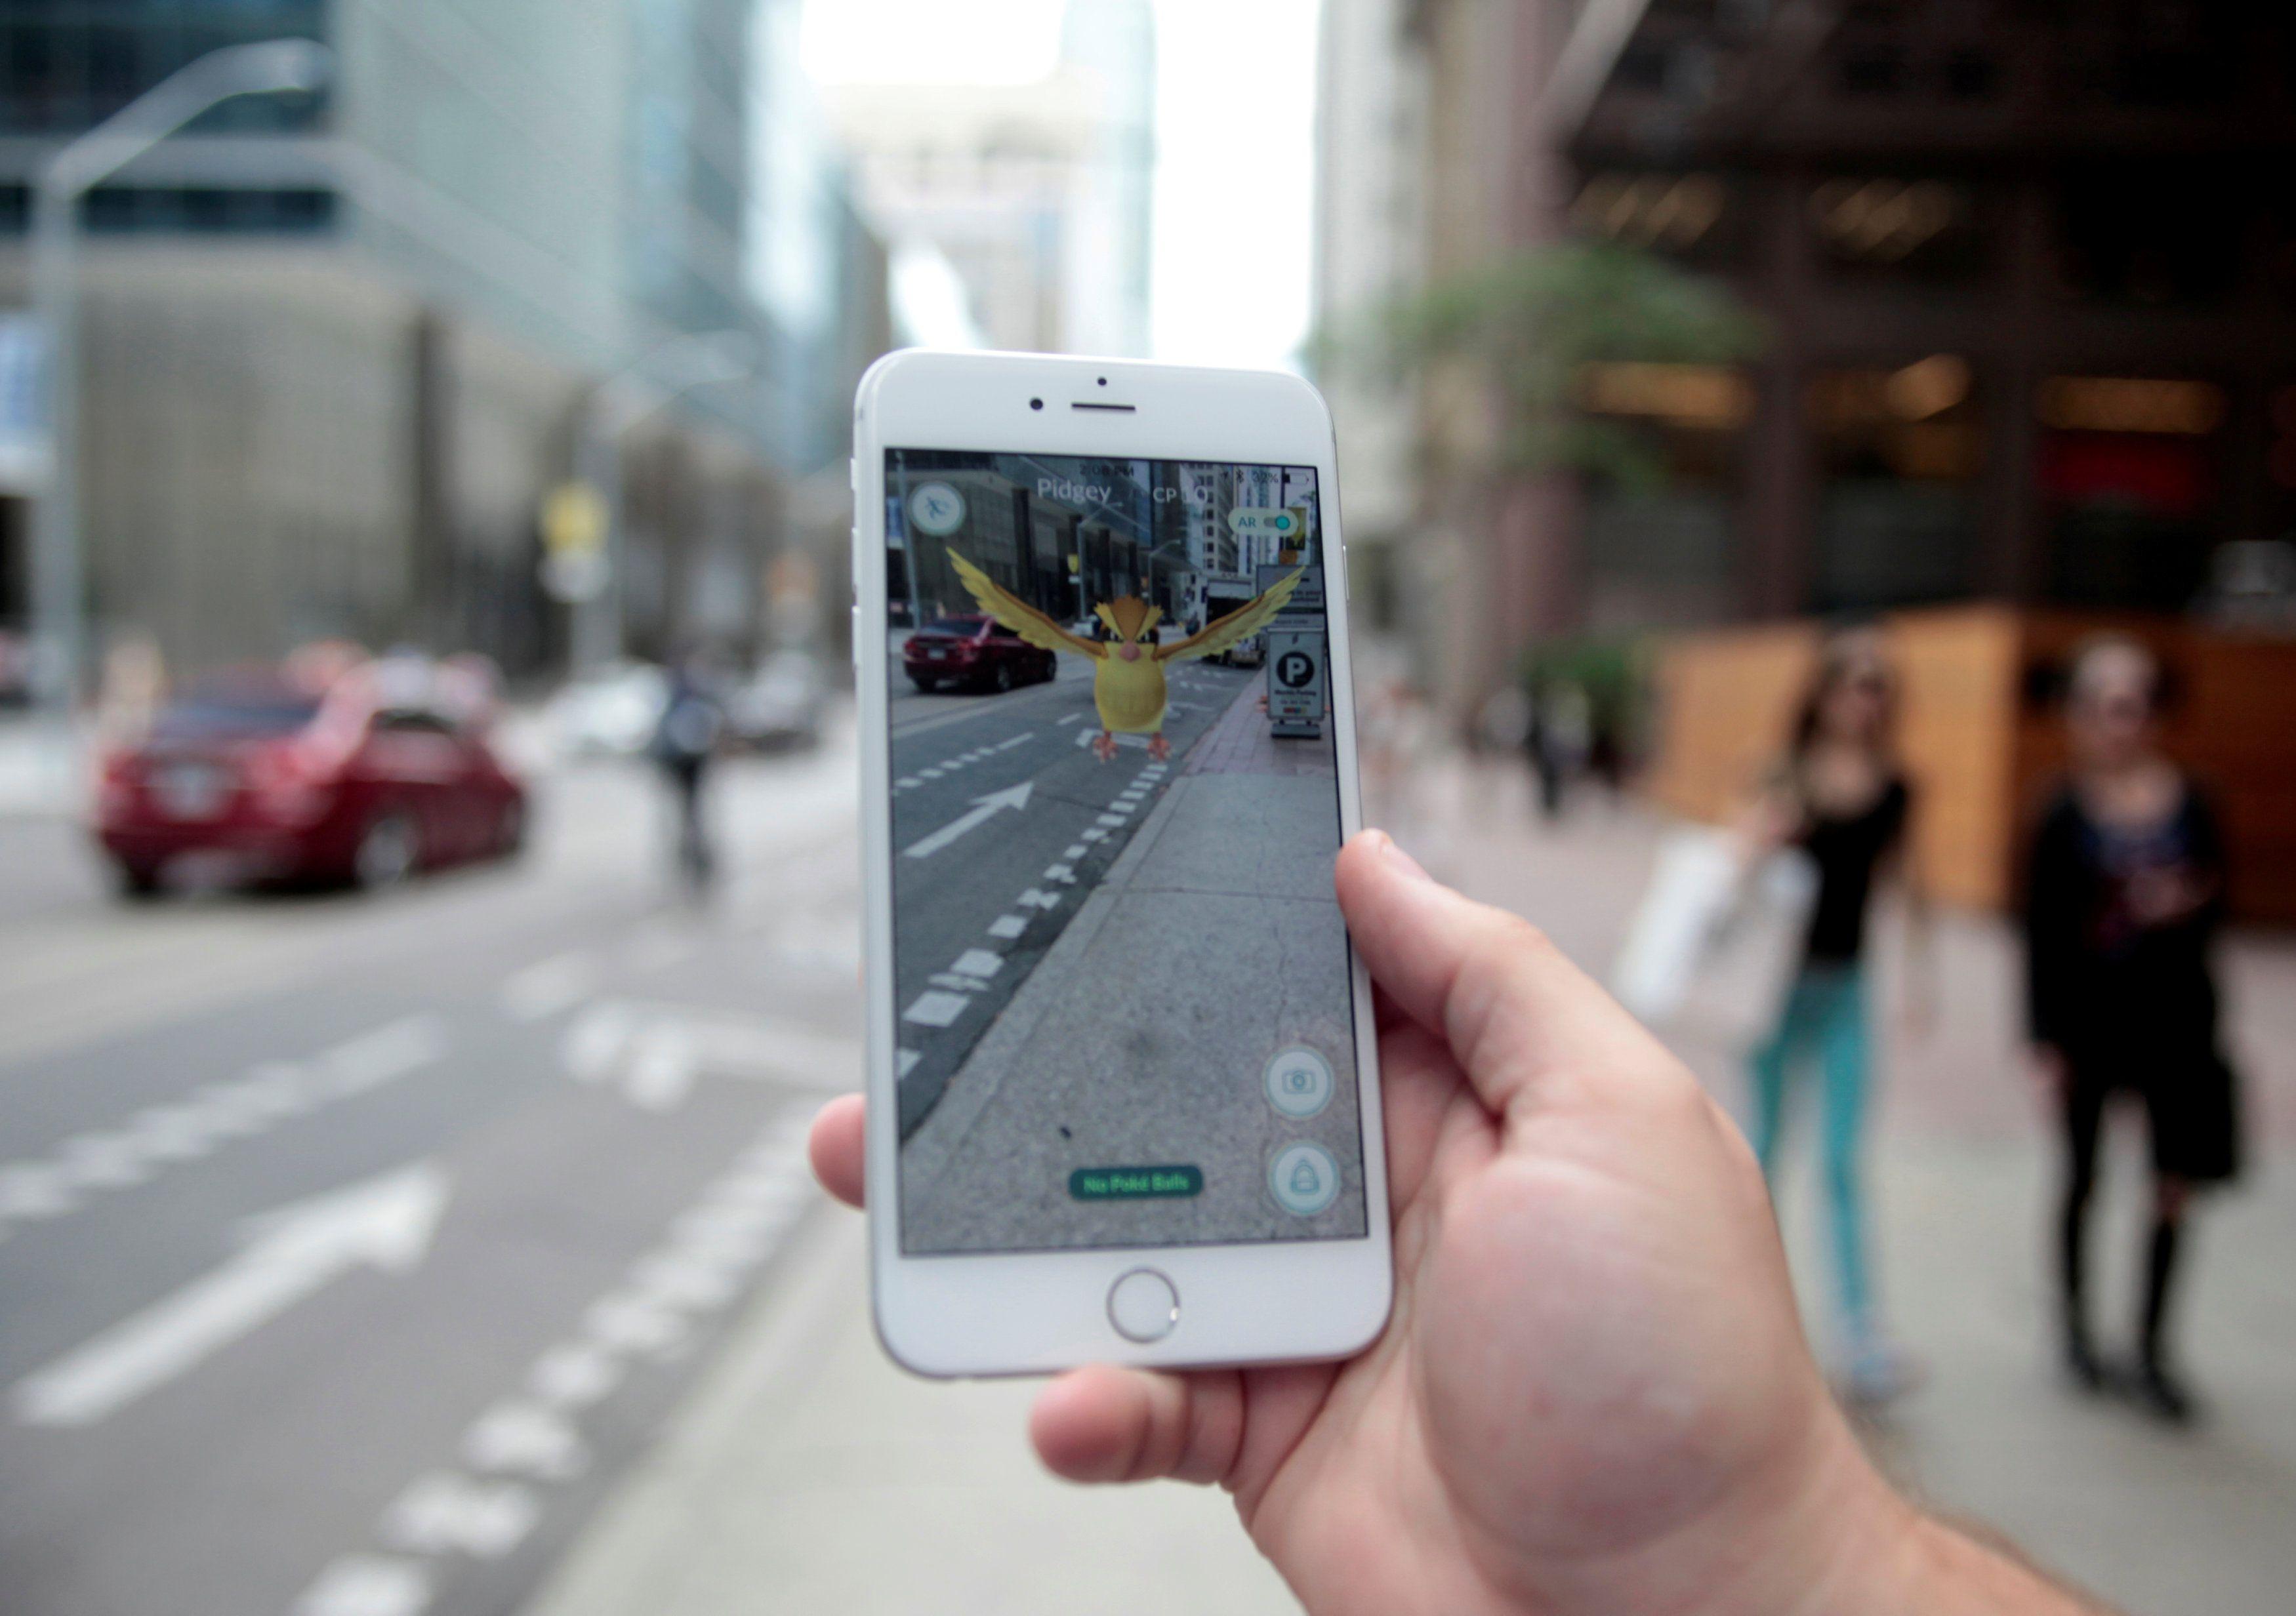 Pokémon Go, Snapchat : la réalité augmentée est une véritable mine d'or marketing